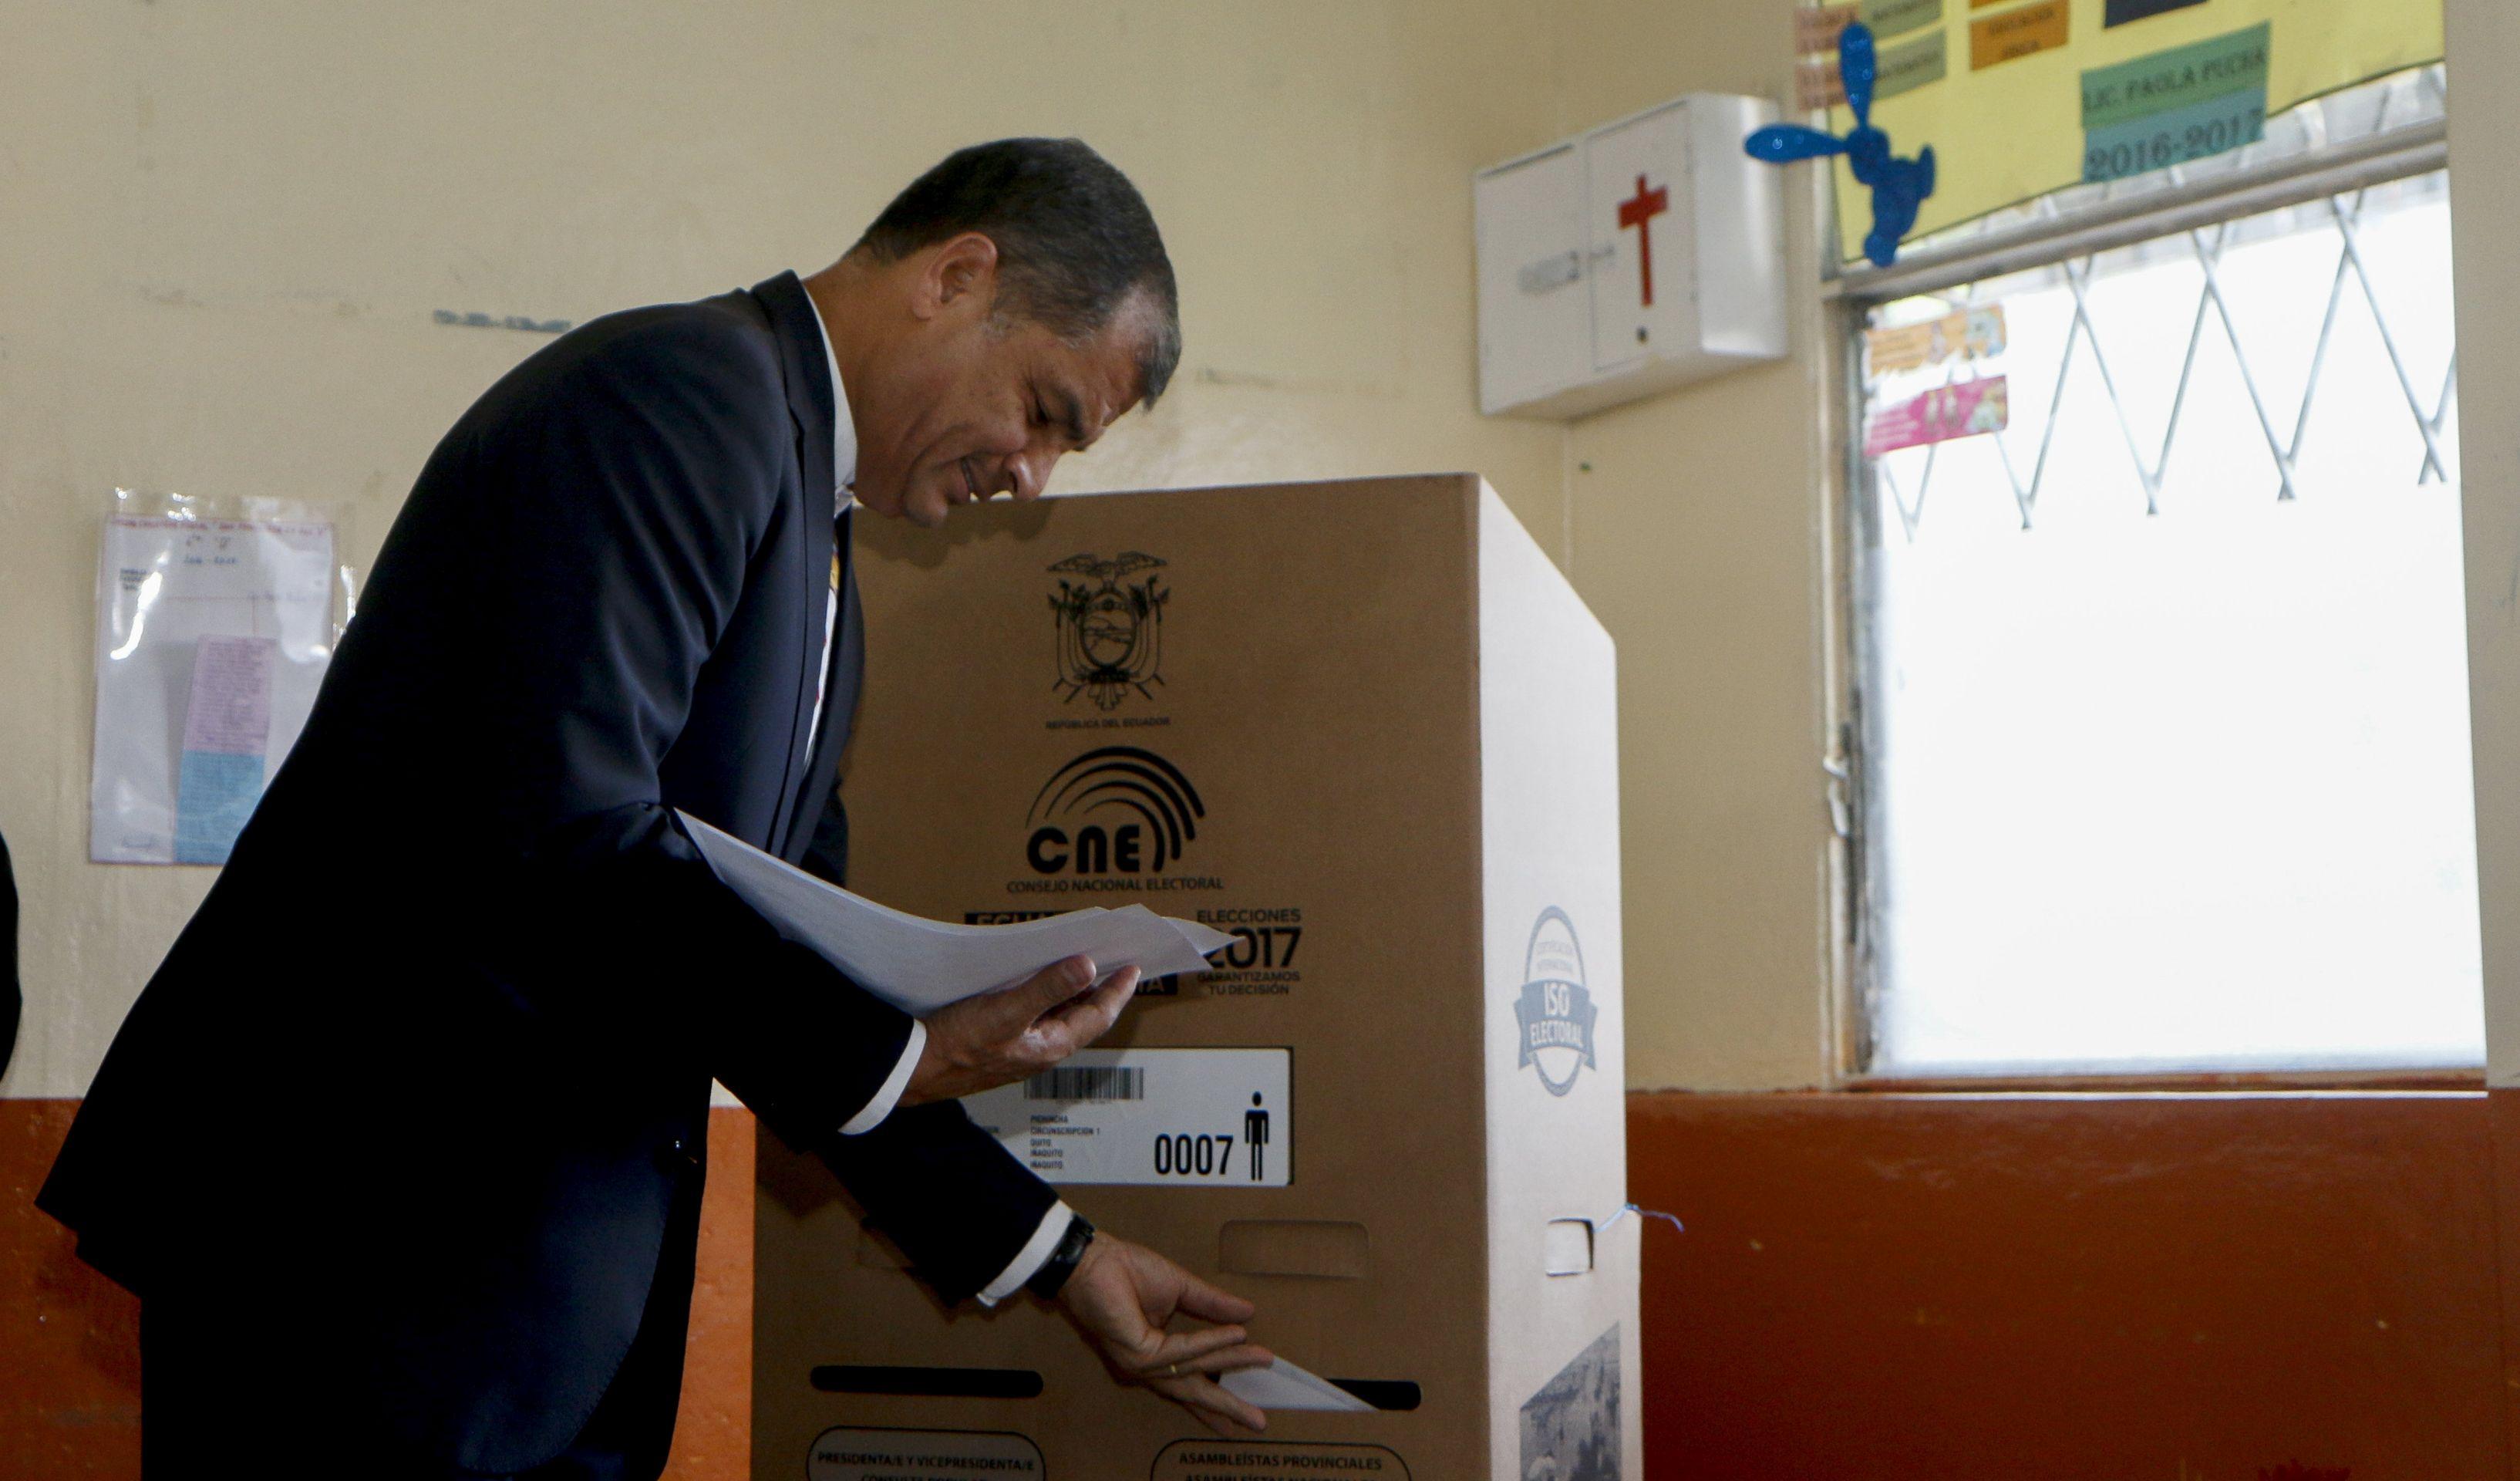 Ključni predsjednički izbori za ljevicu u Ekvadoru